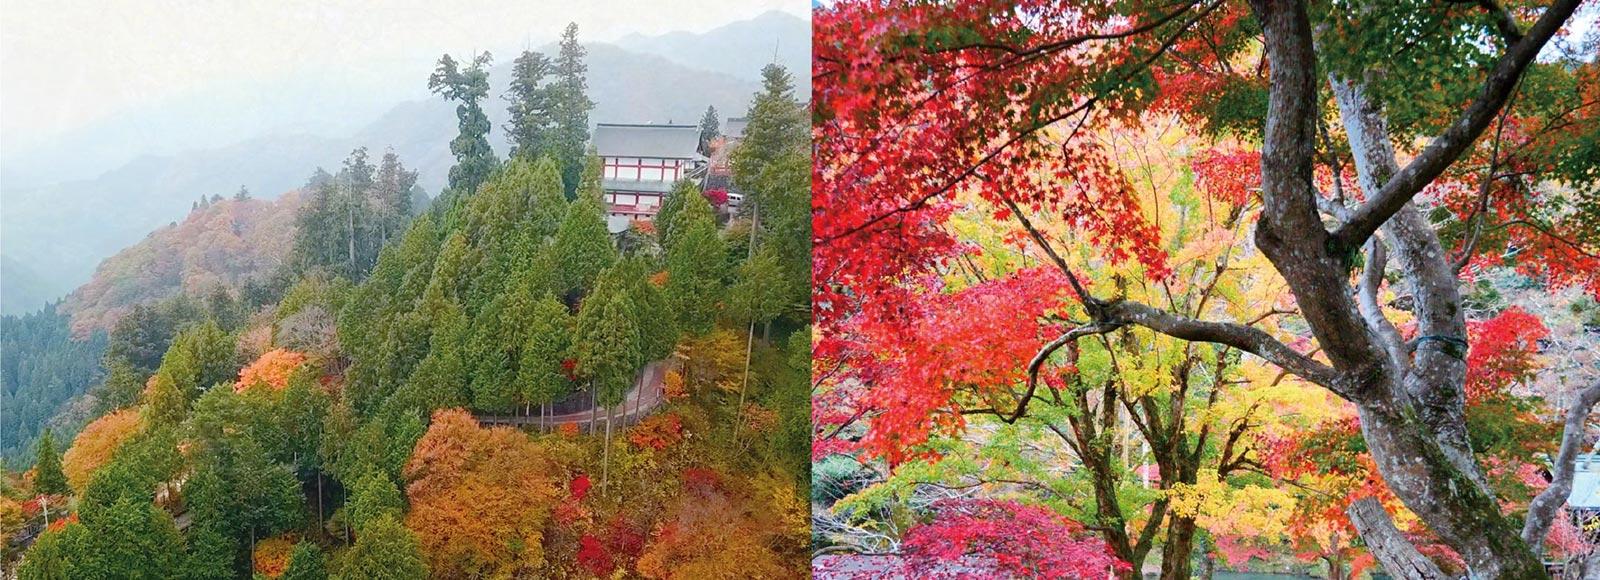 秋の紅葉(もみじ)リレー